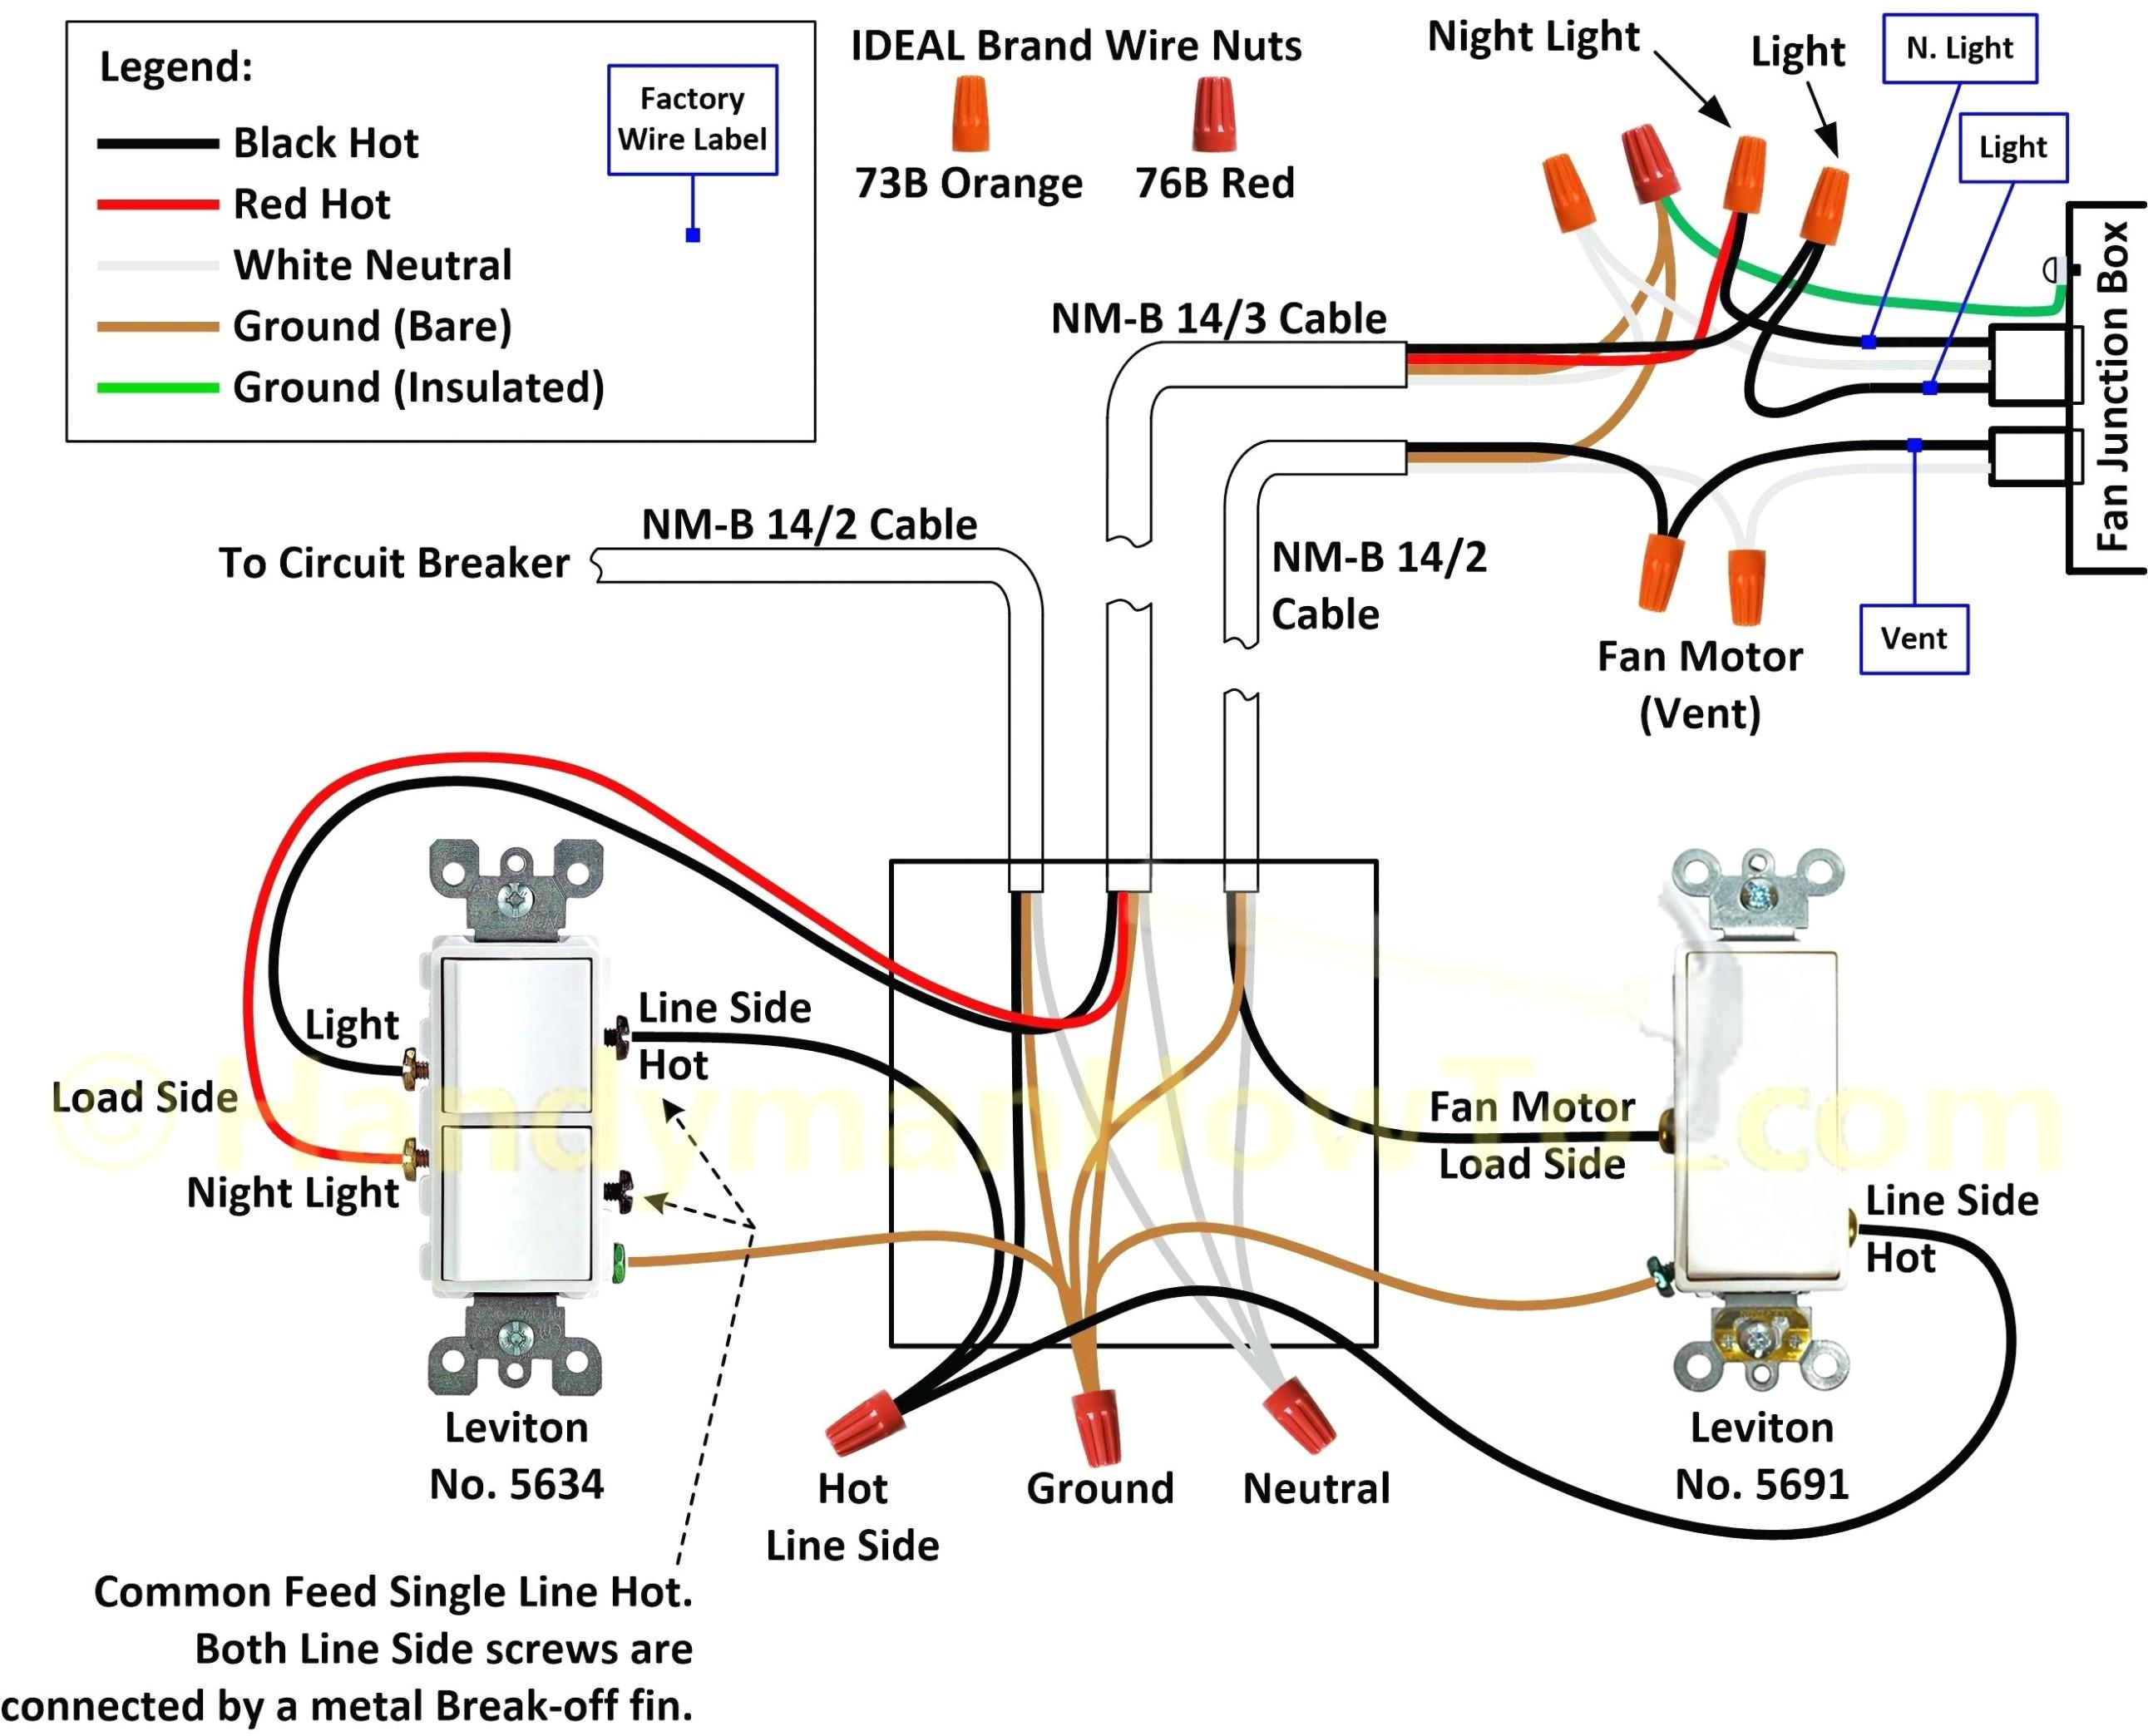 set 3 light wire schematic wiring diagram schema set 3 light wire schematic